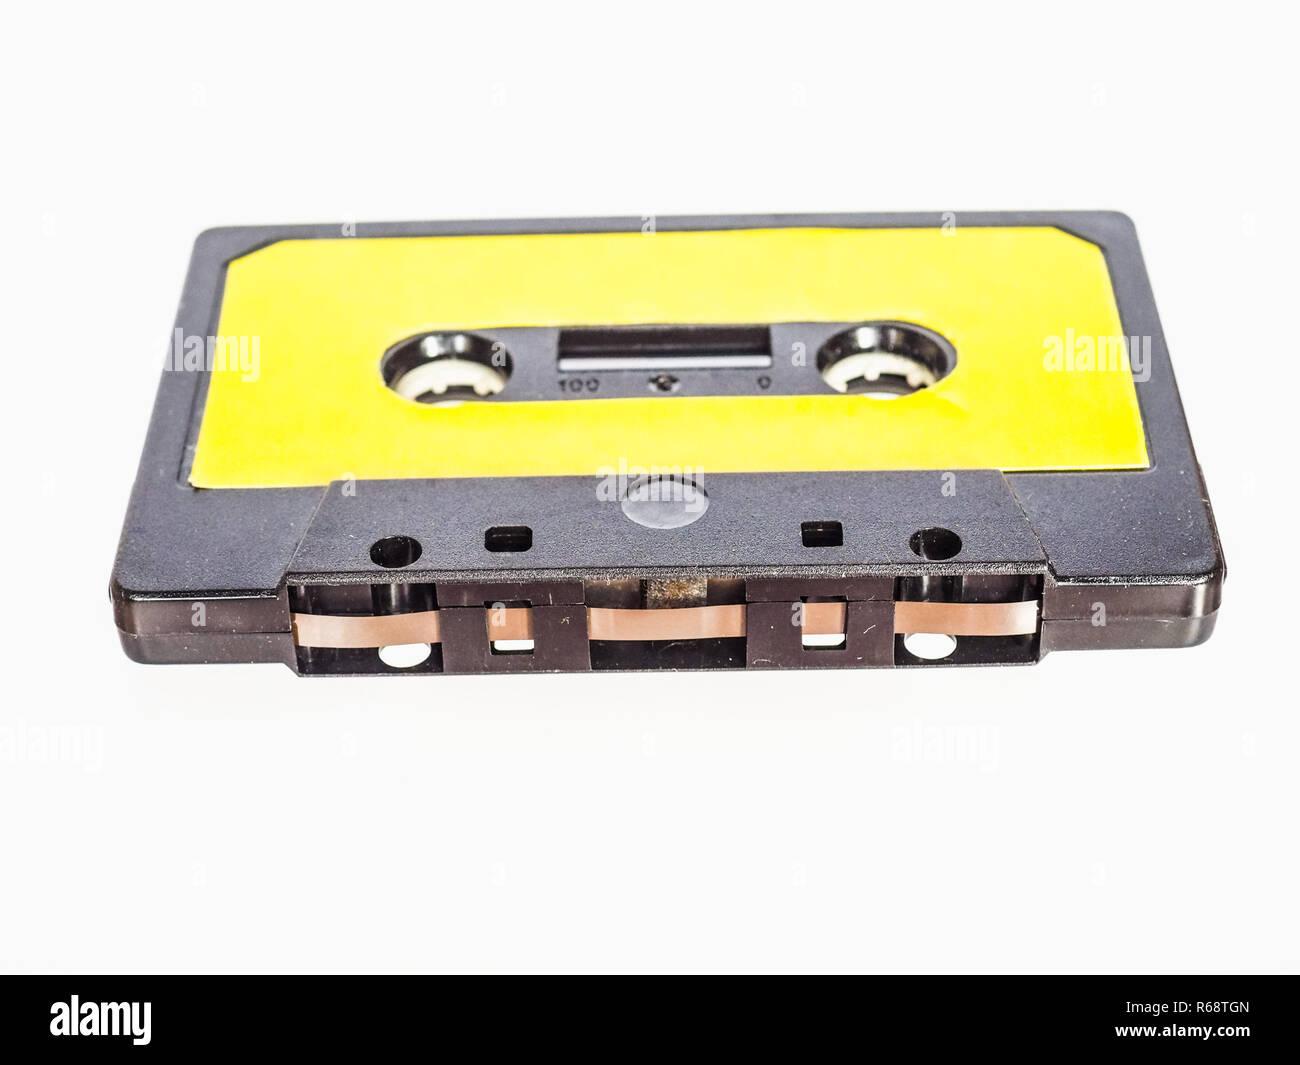 magnetic tape cassette - Stock Image